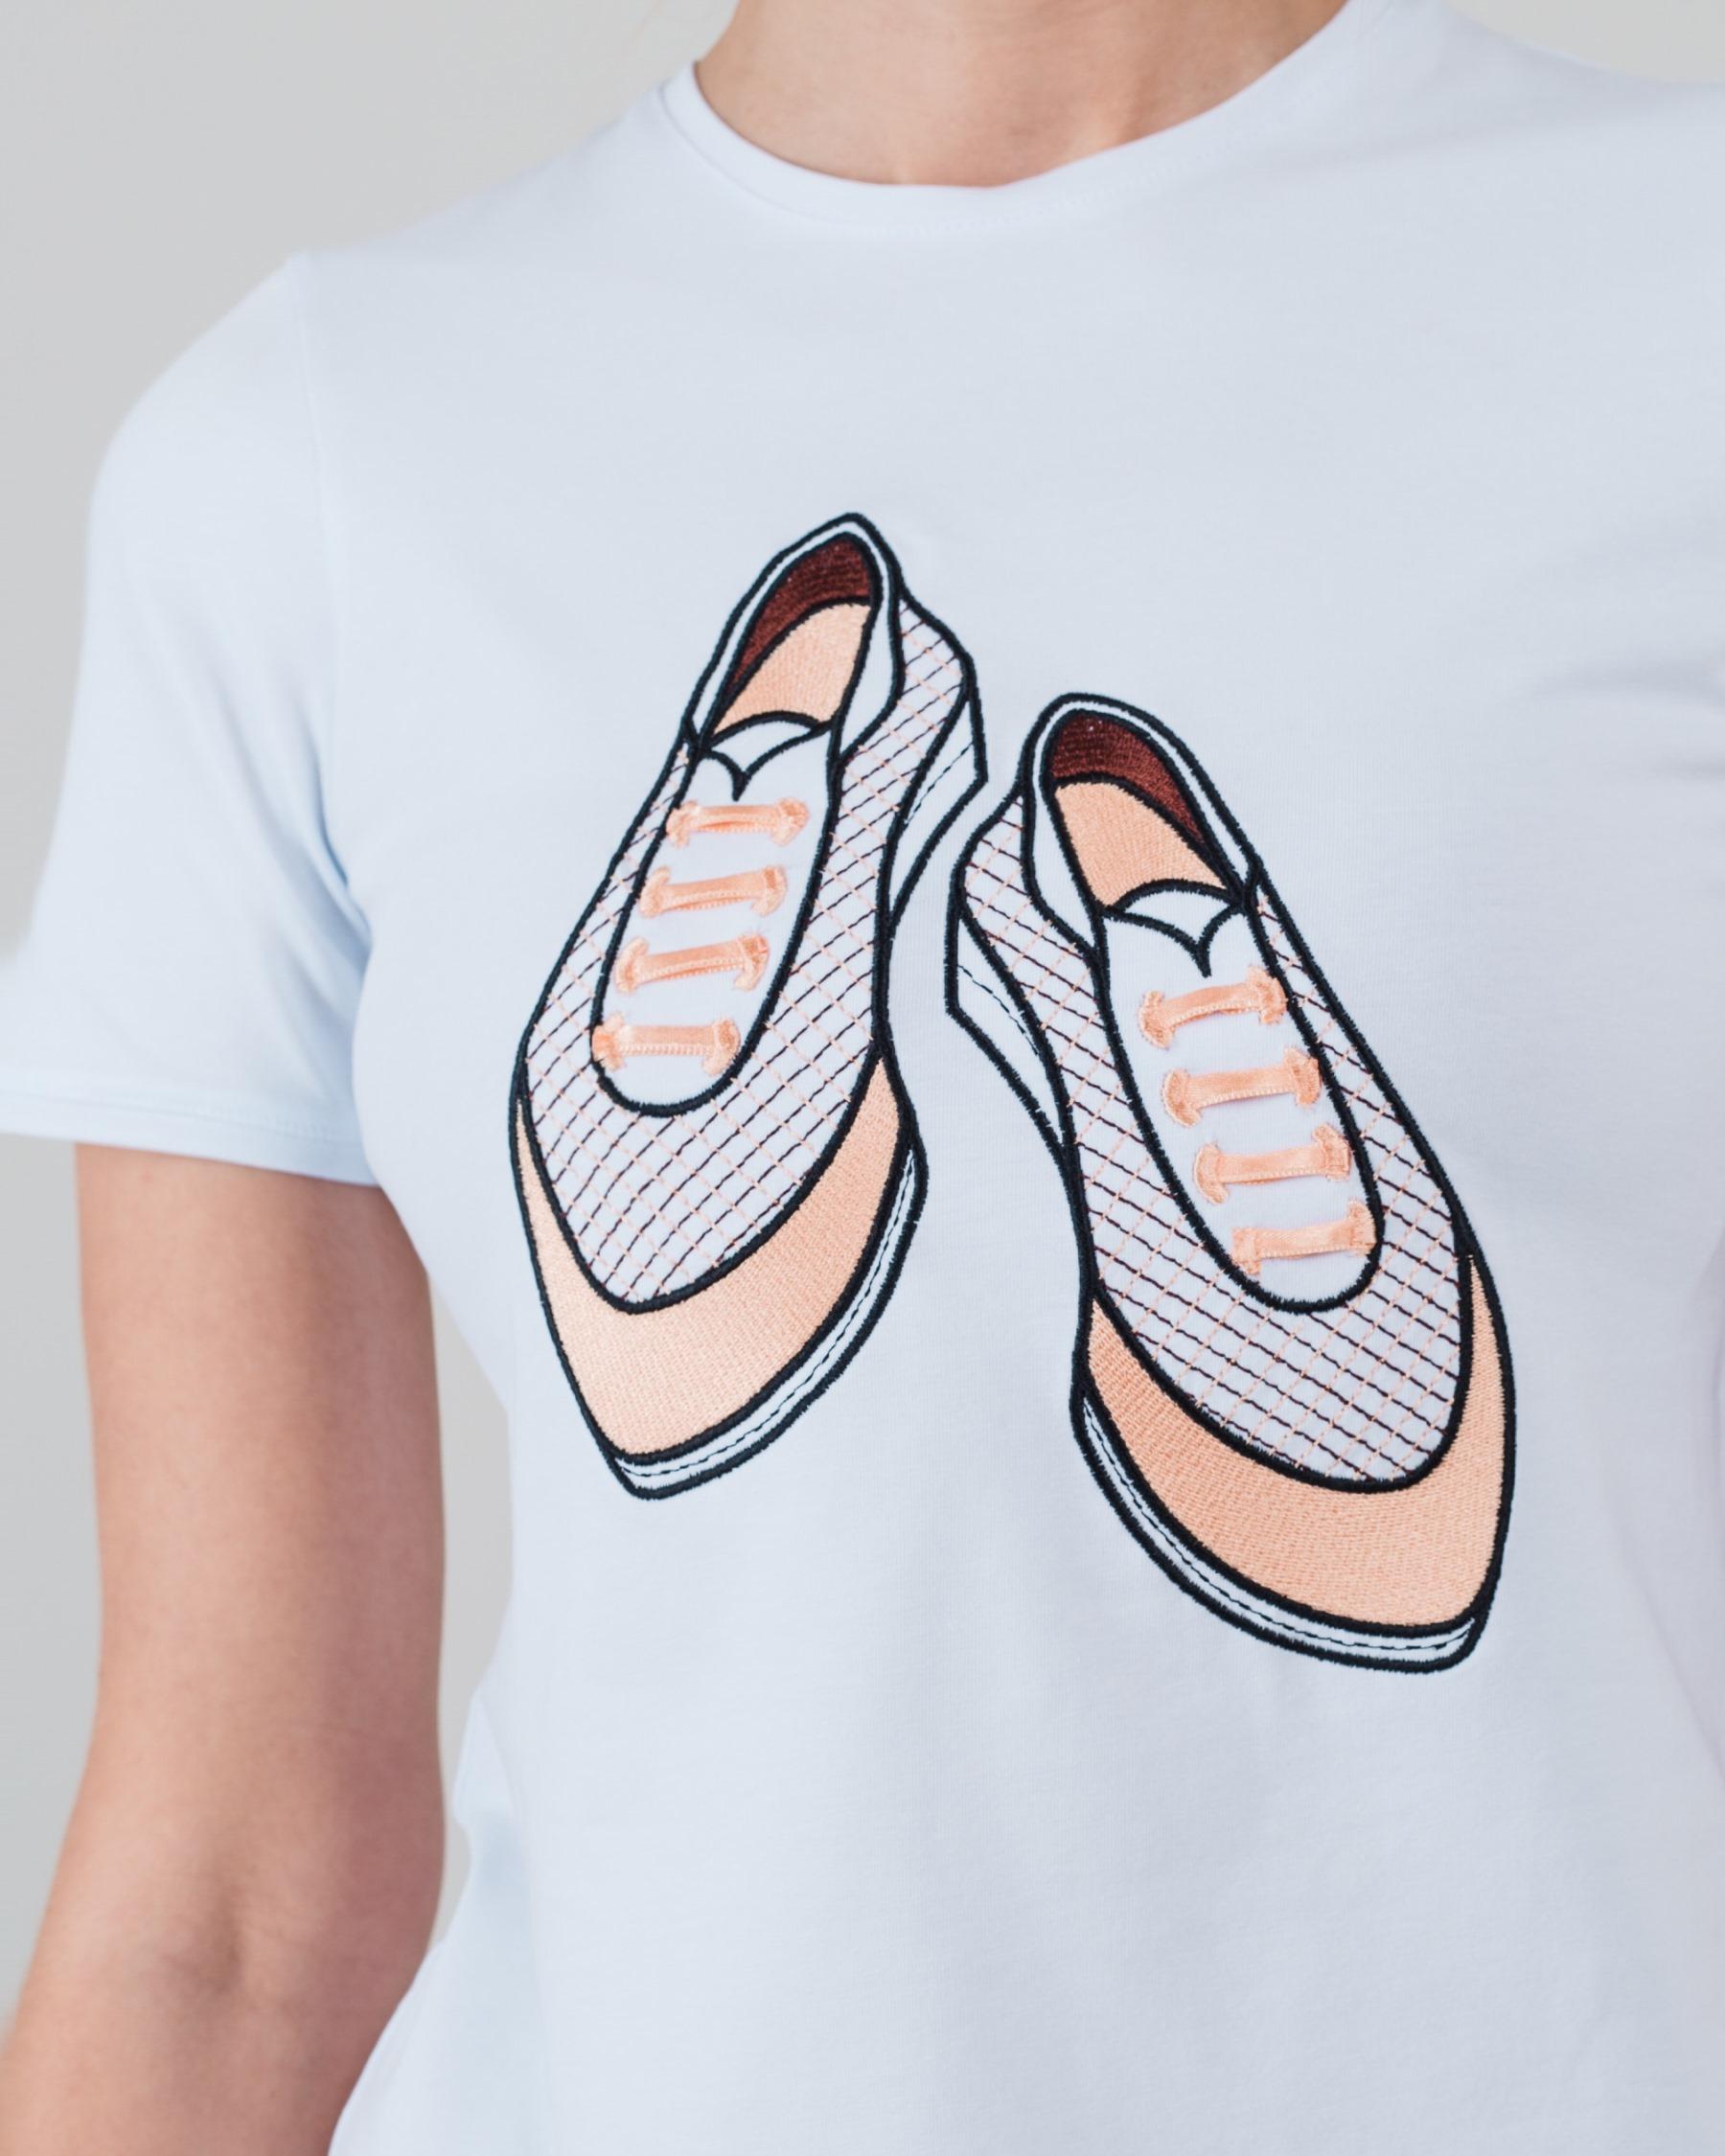 Узкая футболка с вышивкой Кроссовки